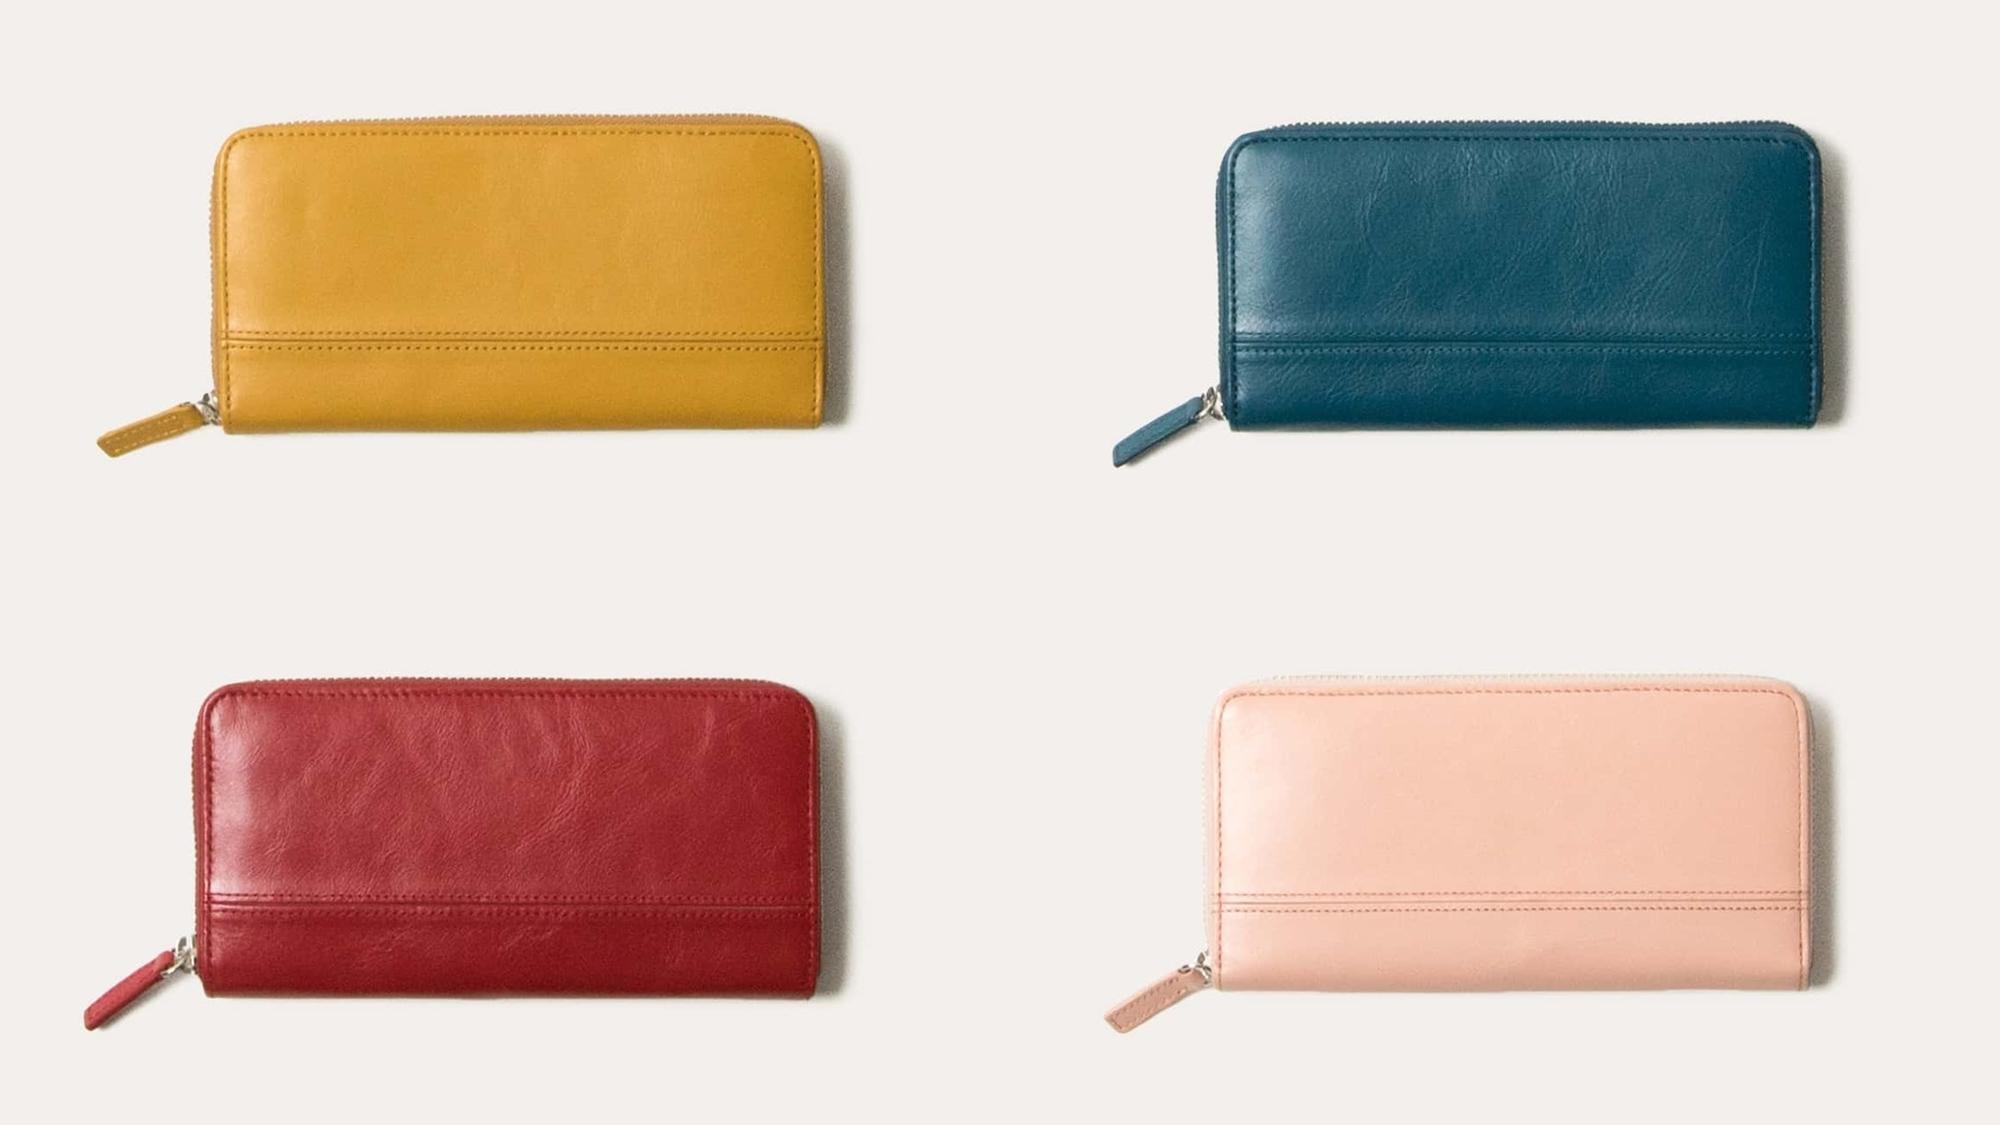 ラウンドファスナー長財布(蛇腹)レディースカラー Business Leather Factory(ビジネスレザーファクトリー).jp